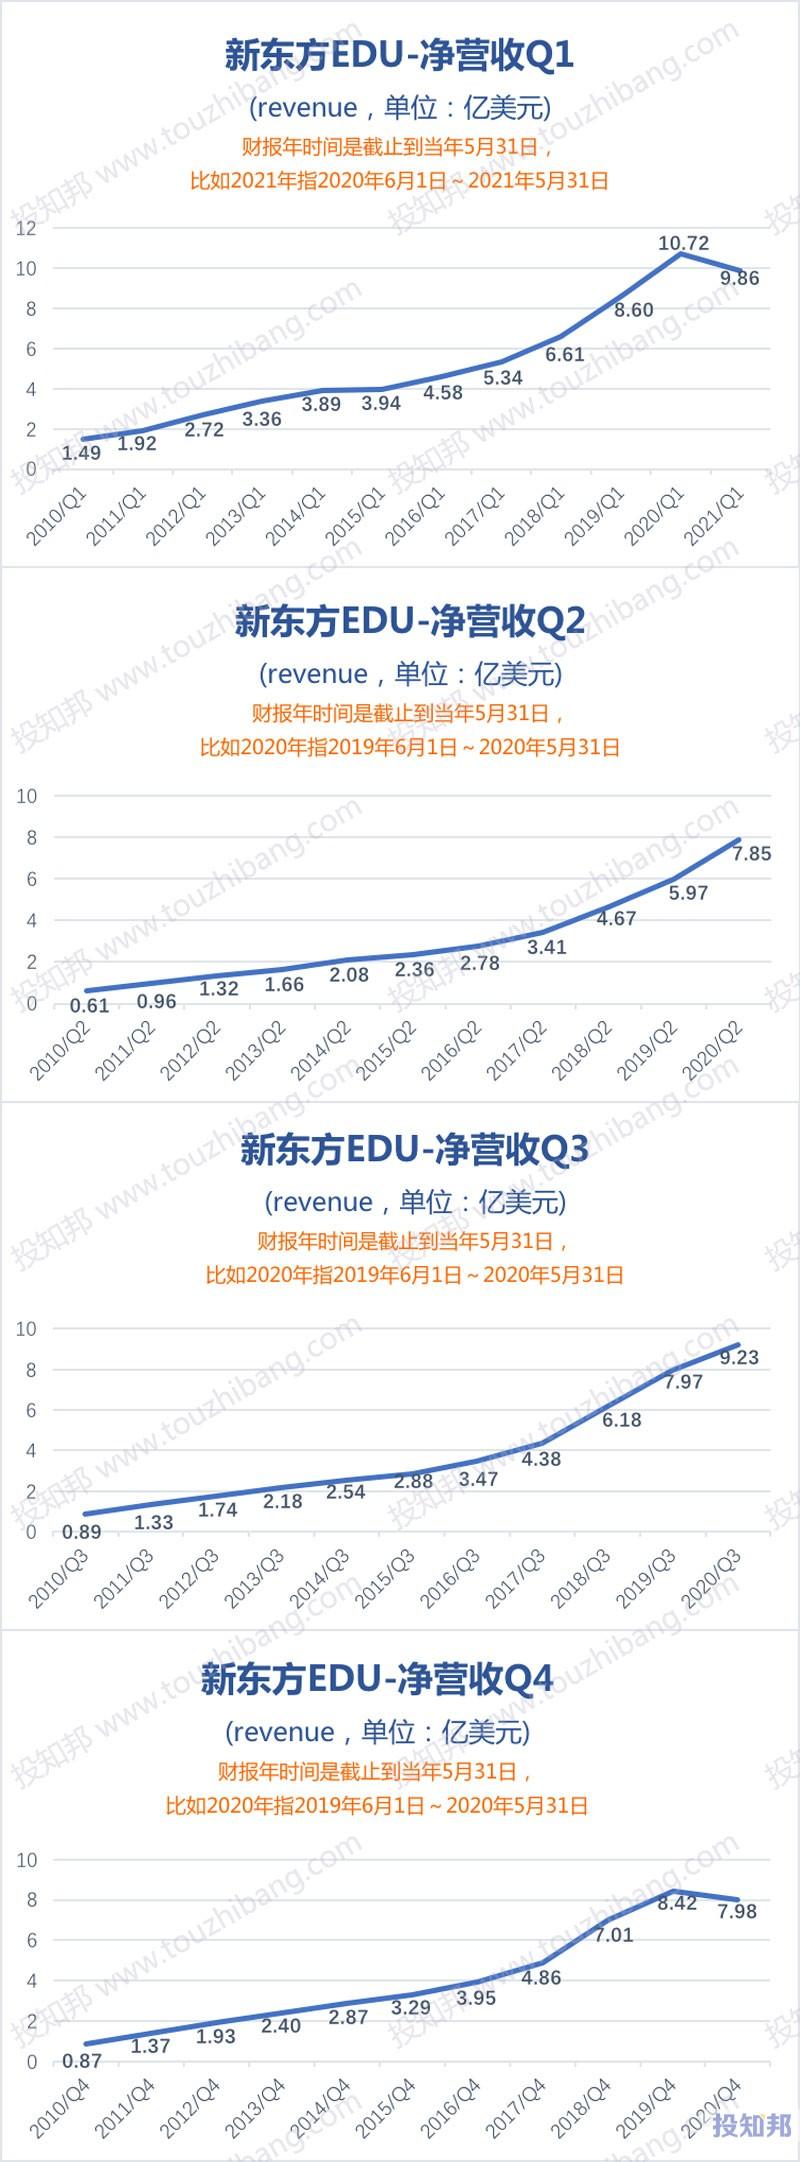 新东方(EDU)财报数据图示(2010年~2021财报年Q1,更新)